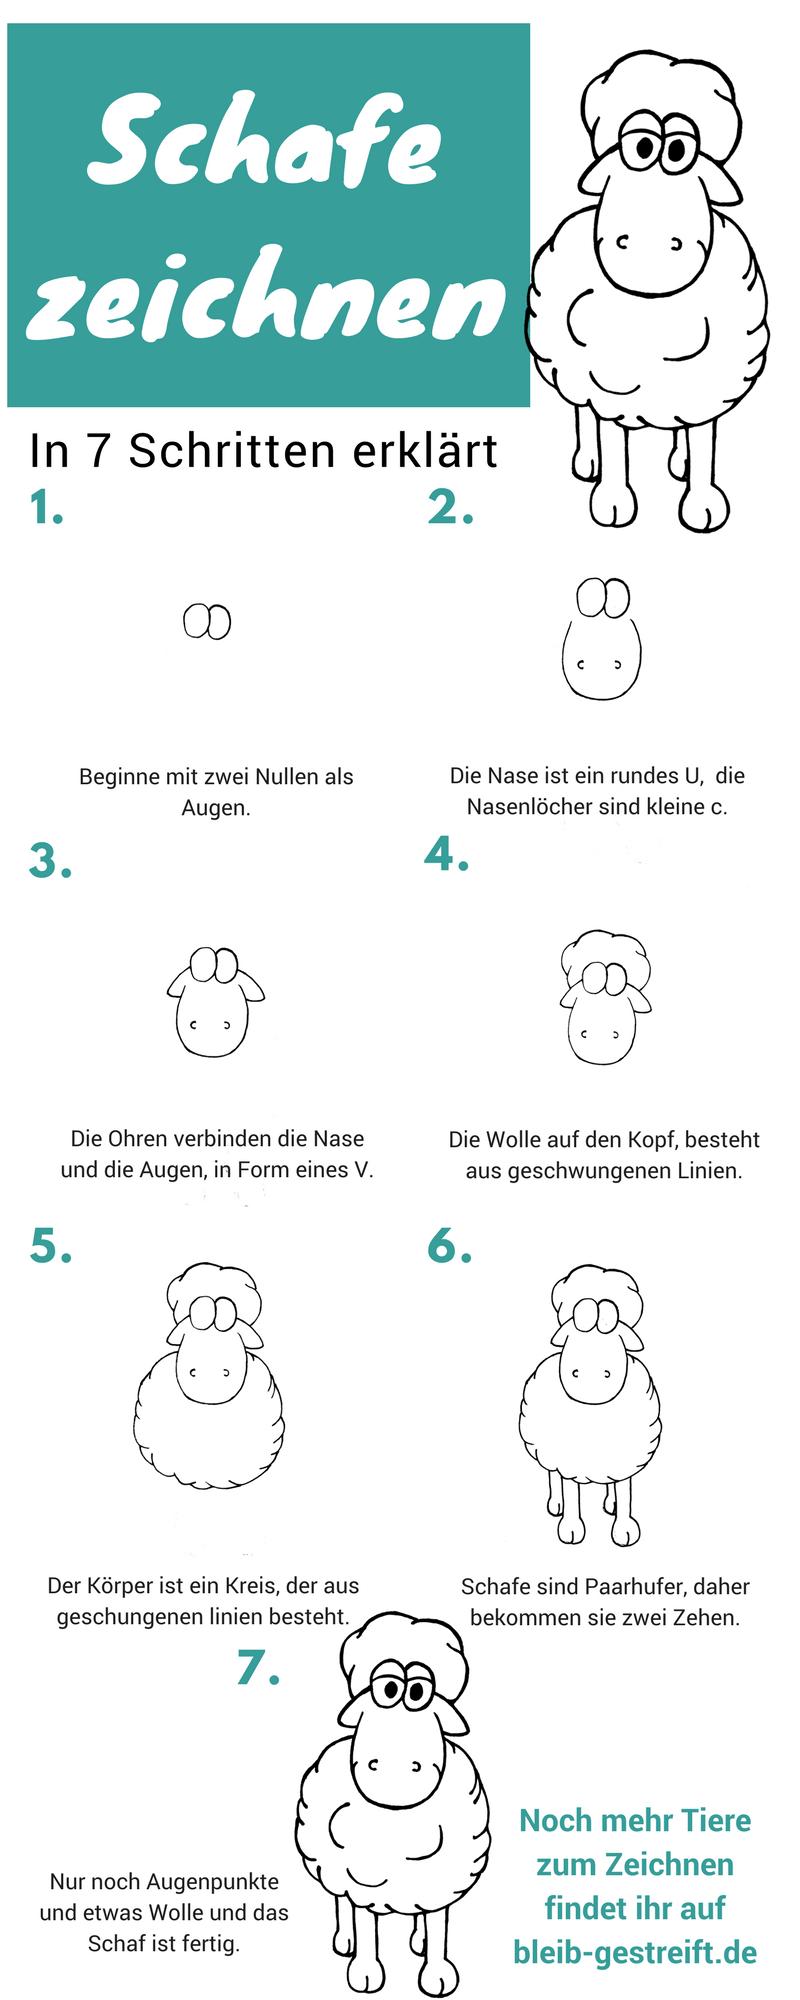 Schafe Zeichnen Comicbooks Eine Anleitung Zum Zeichnen Und Malen Eines Comic Schafs In 2020 Schaf Zeichnen Zeichnen Lernen Fur Anfanger Zeichnen Lernen Fur Kinder